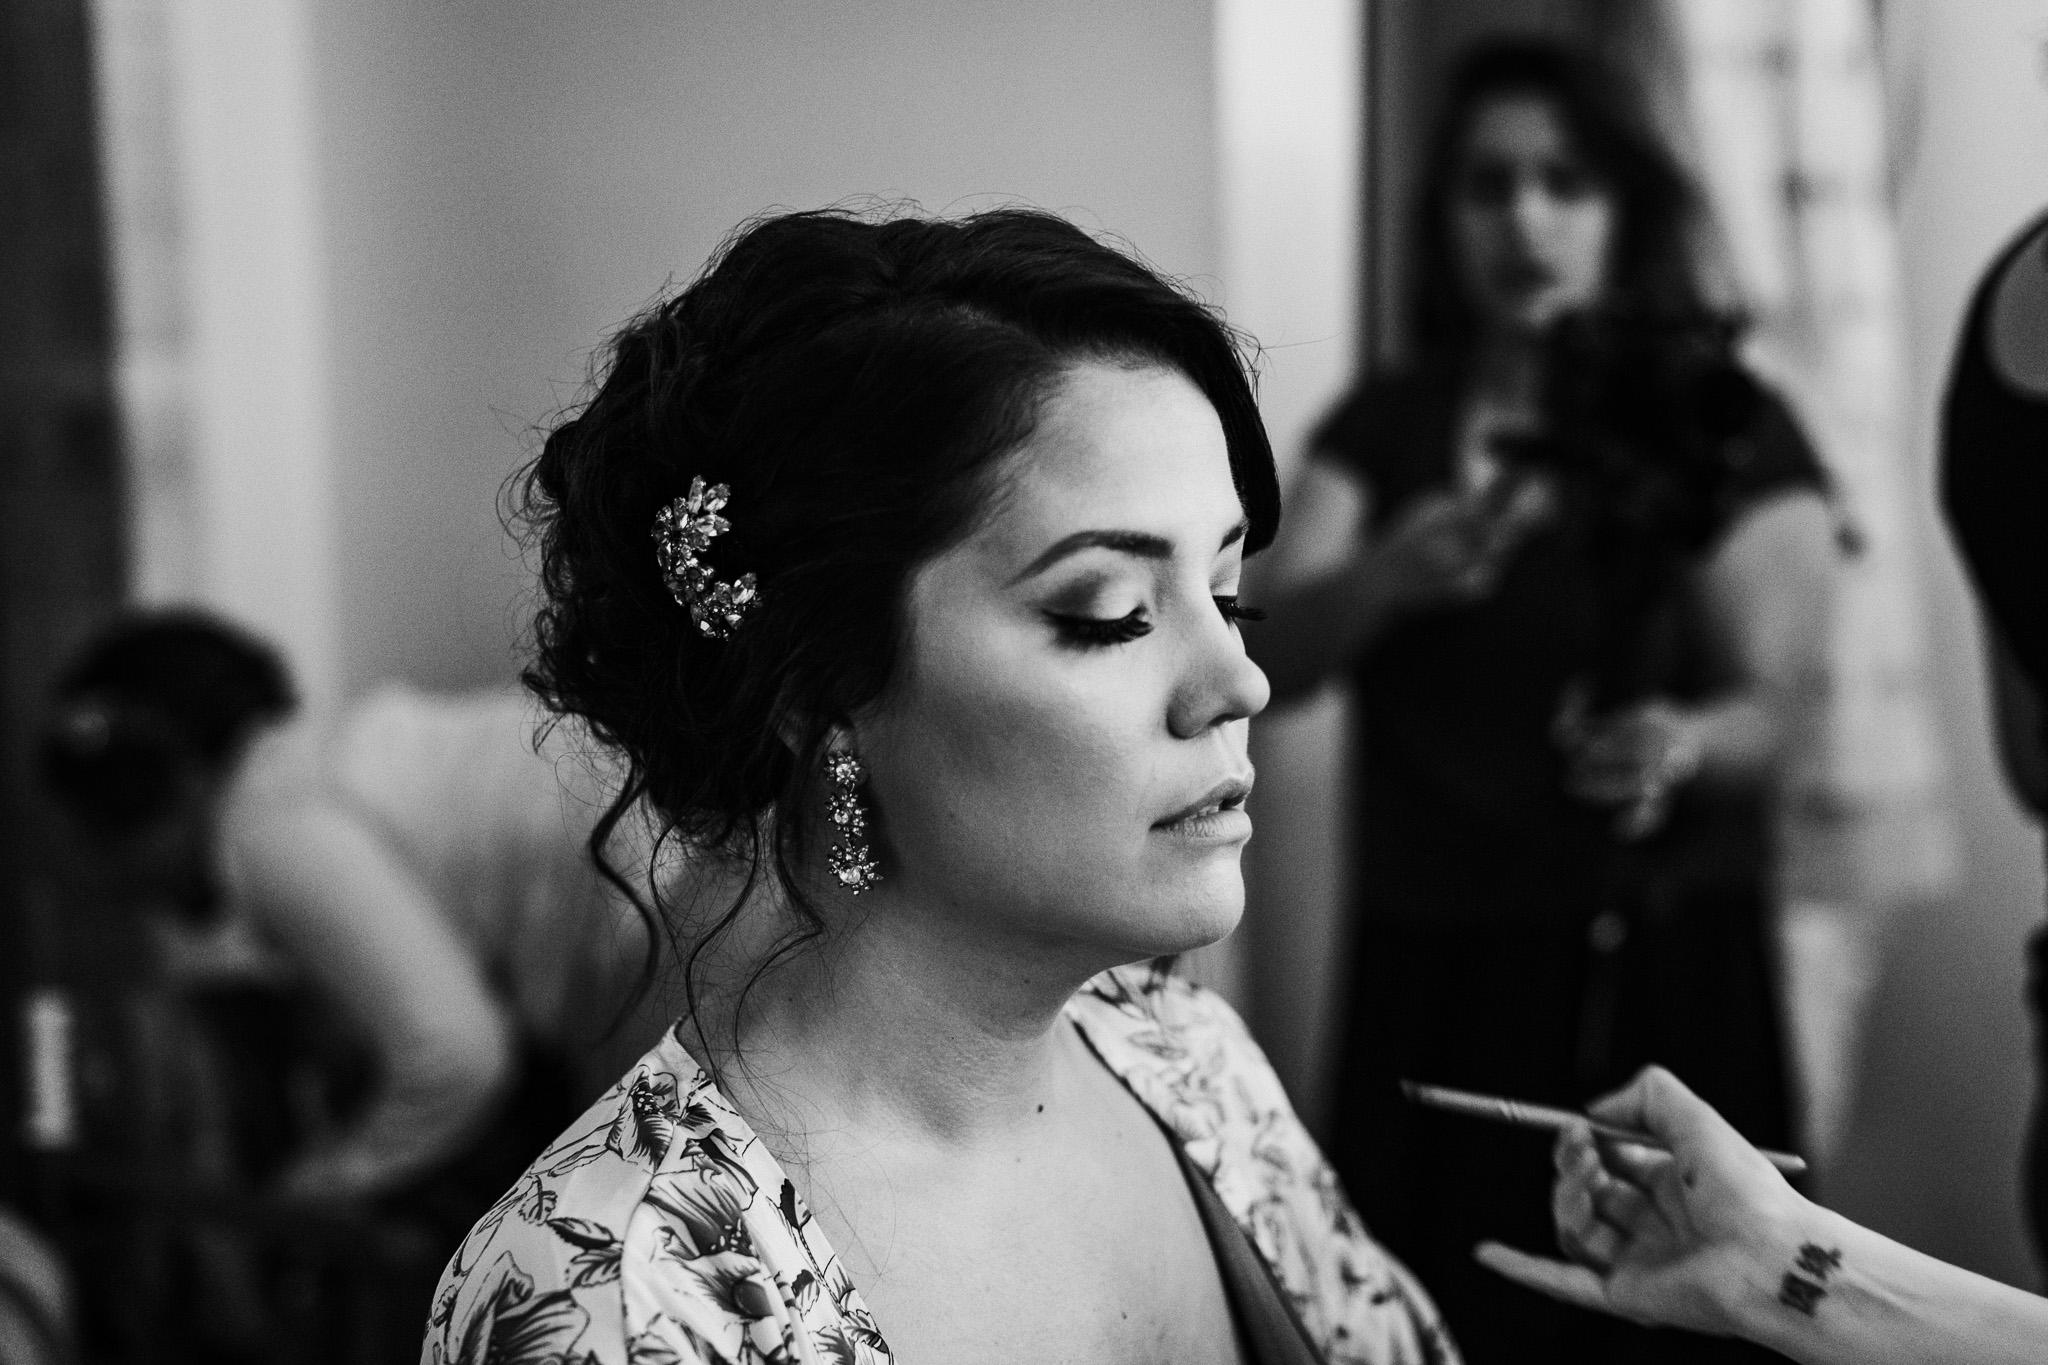 Bridal updo getting ready portrait